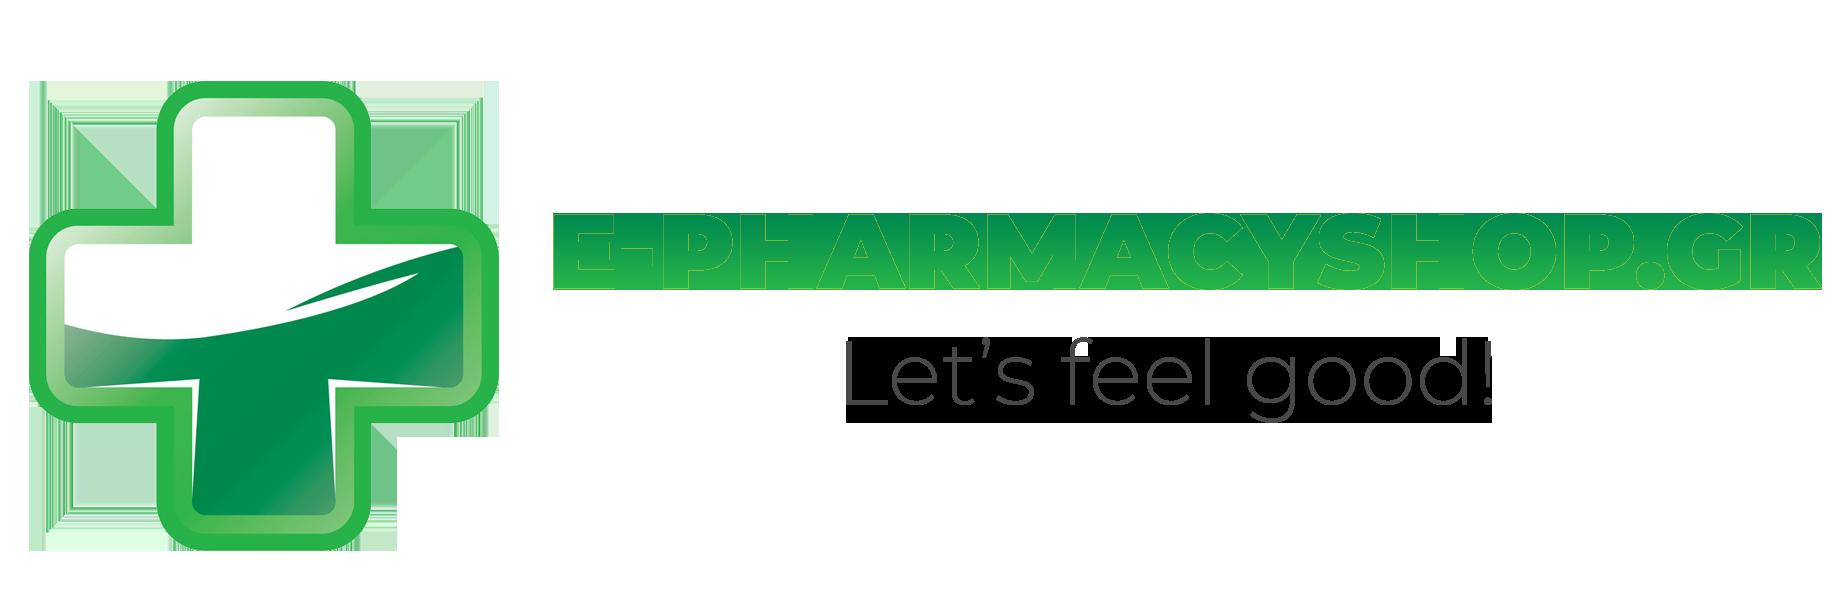 Φαρμακείο Online